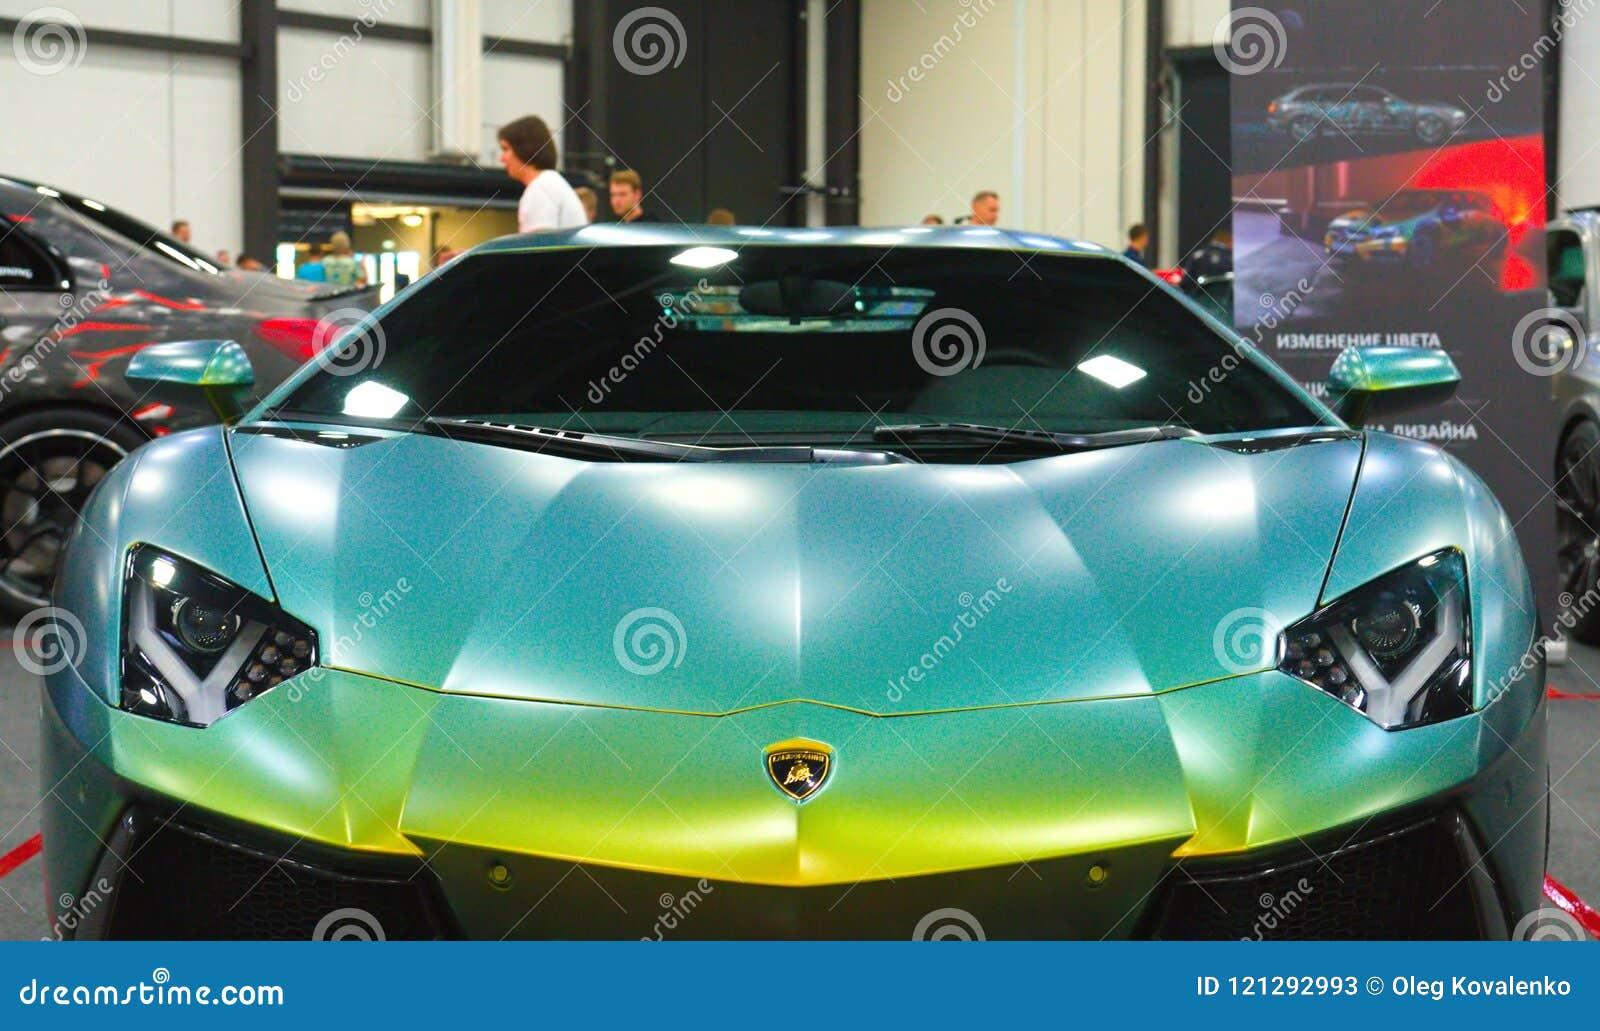 Luxe Italiaanse toont supercar bij Koninklijke Auto Front View